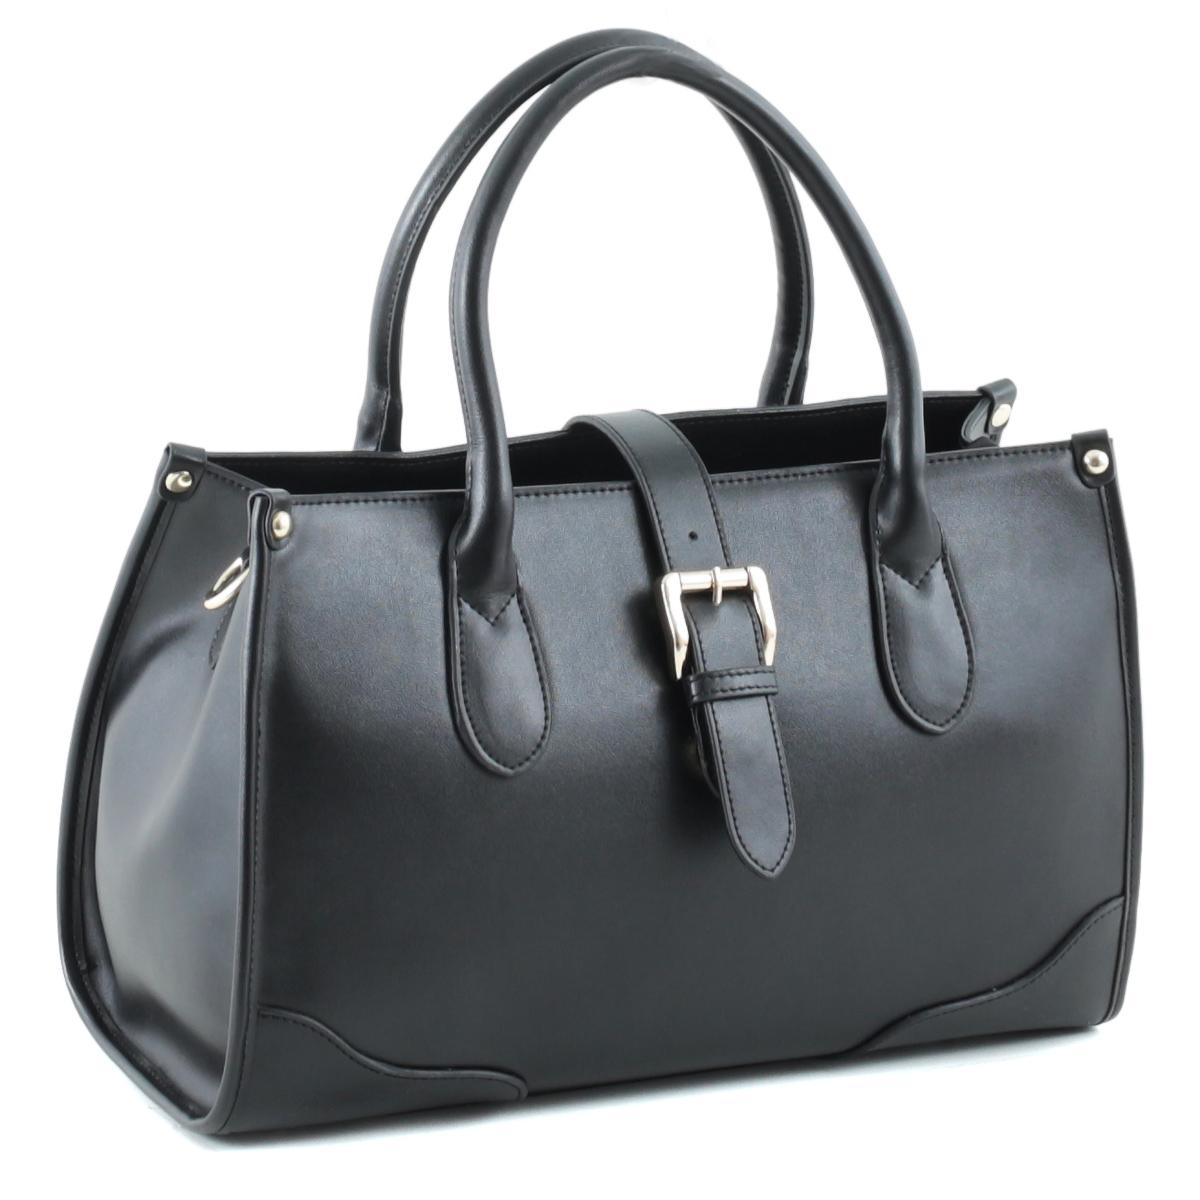 Сумка женская Lamagio, цвет: черный. 604-С - Lamagio604-С_черныйВеликолепная женская сумка Lamagio выполнена из натуральной кожи. Изделие имеет одно основное отделение, разделенное пополам карманом-средником на